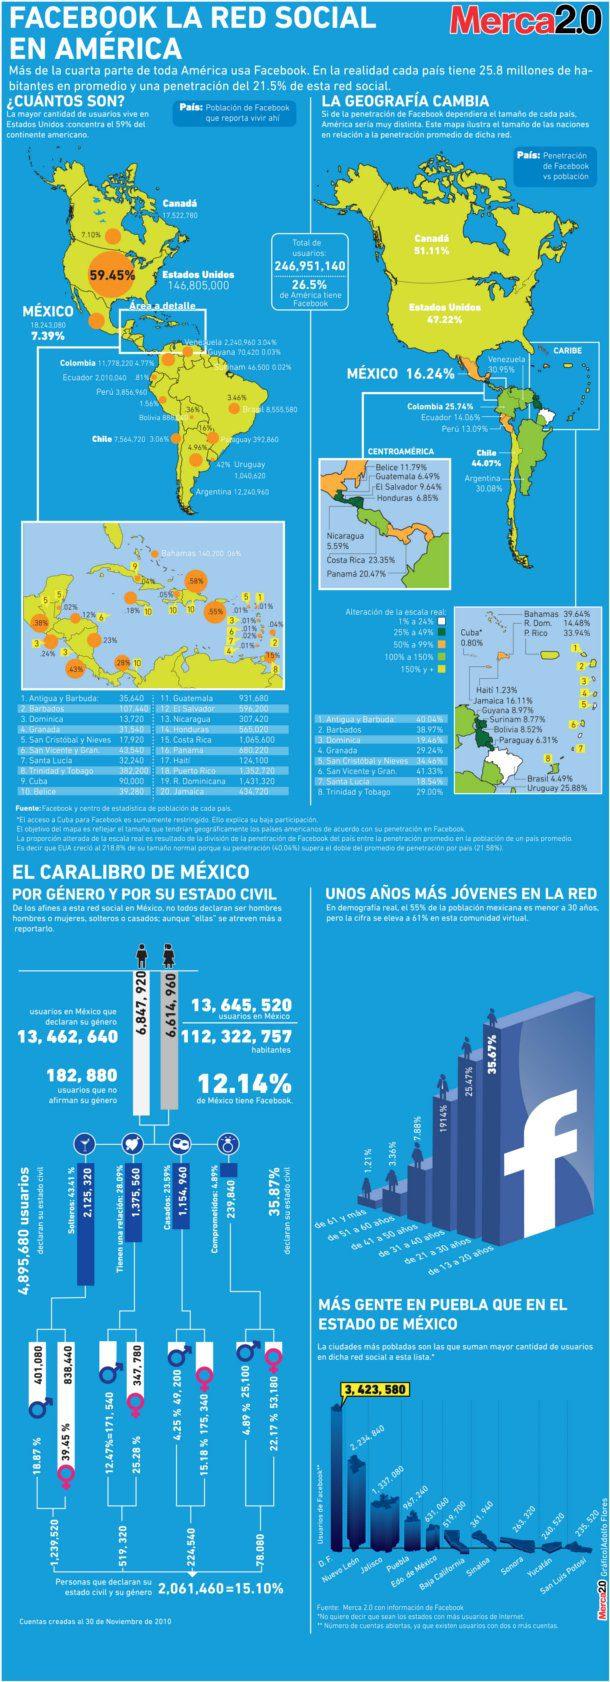 Facebook la red social en américa